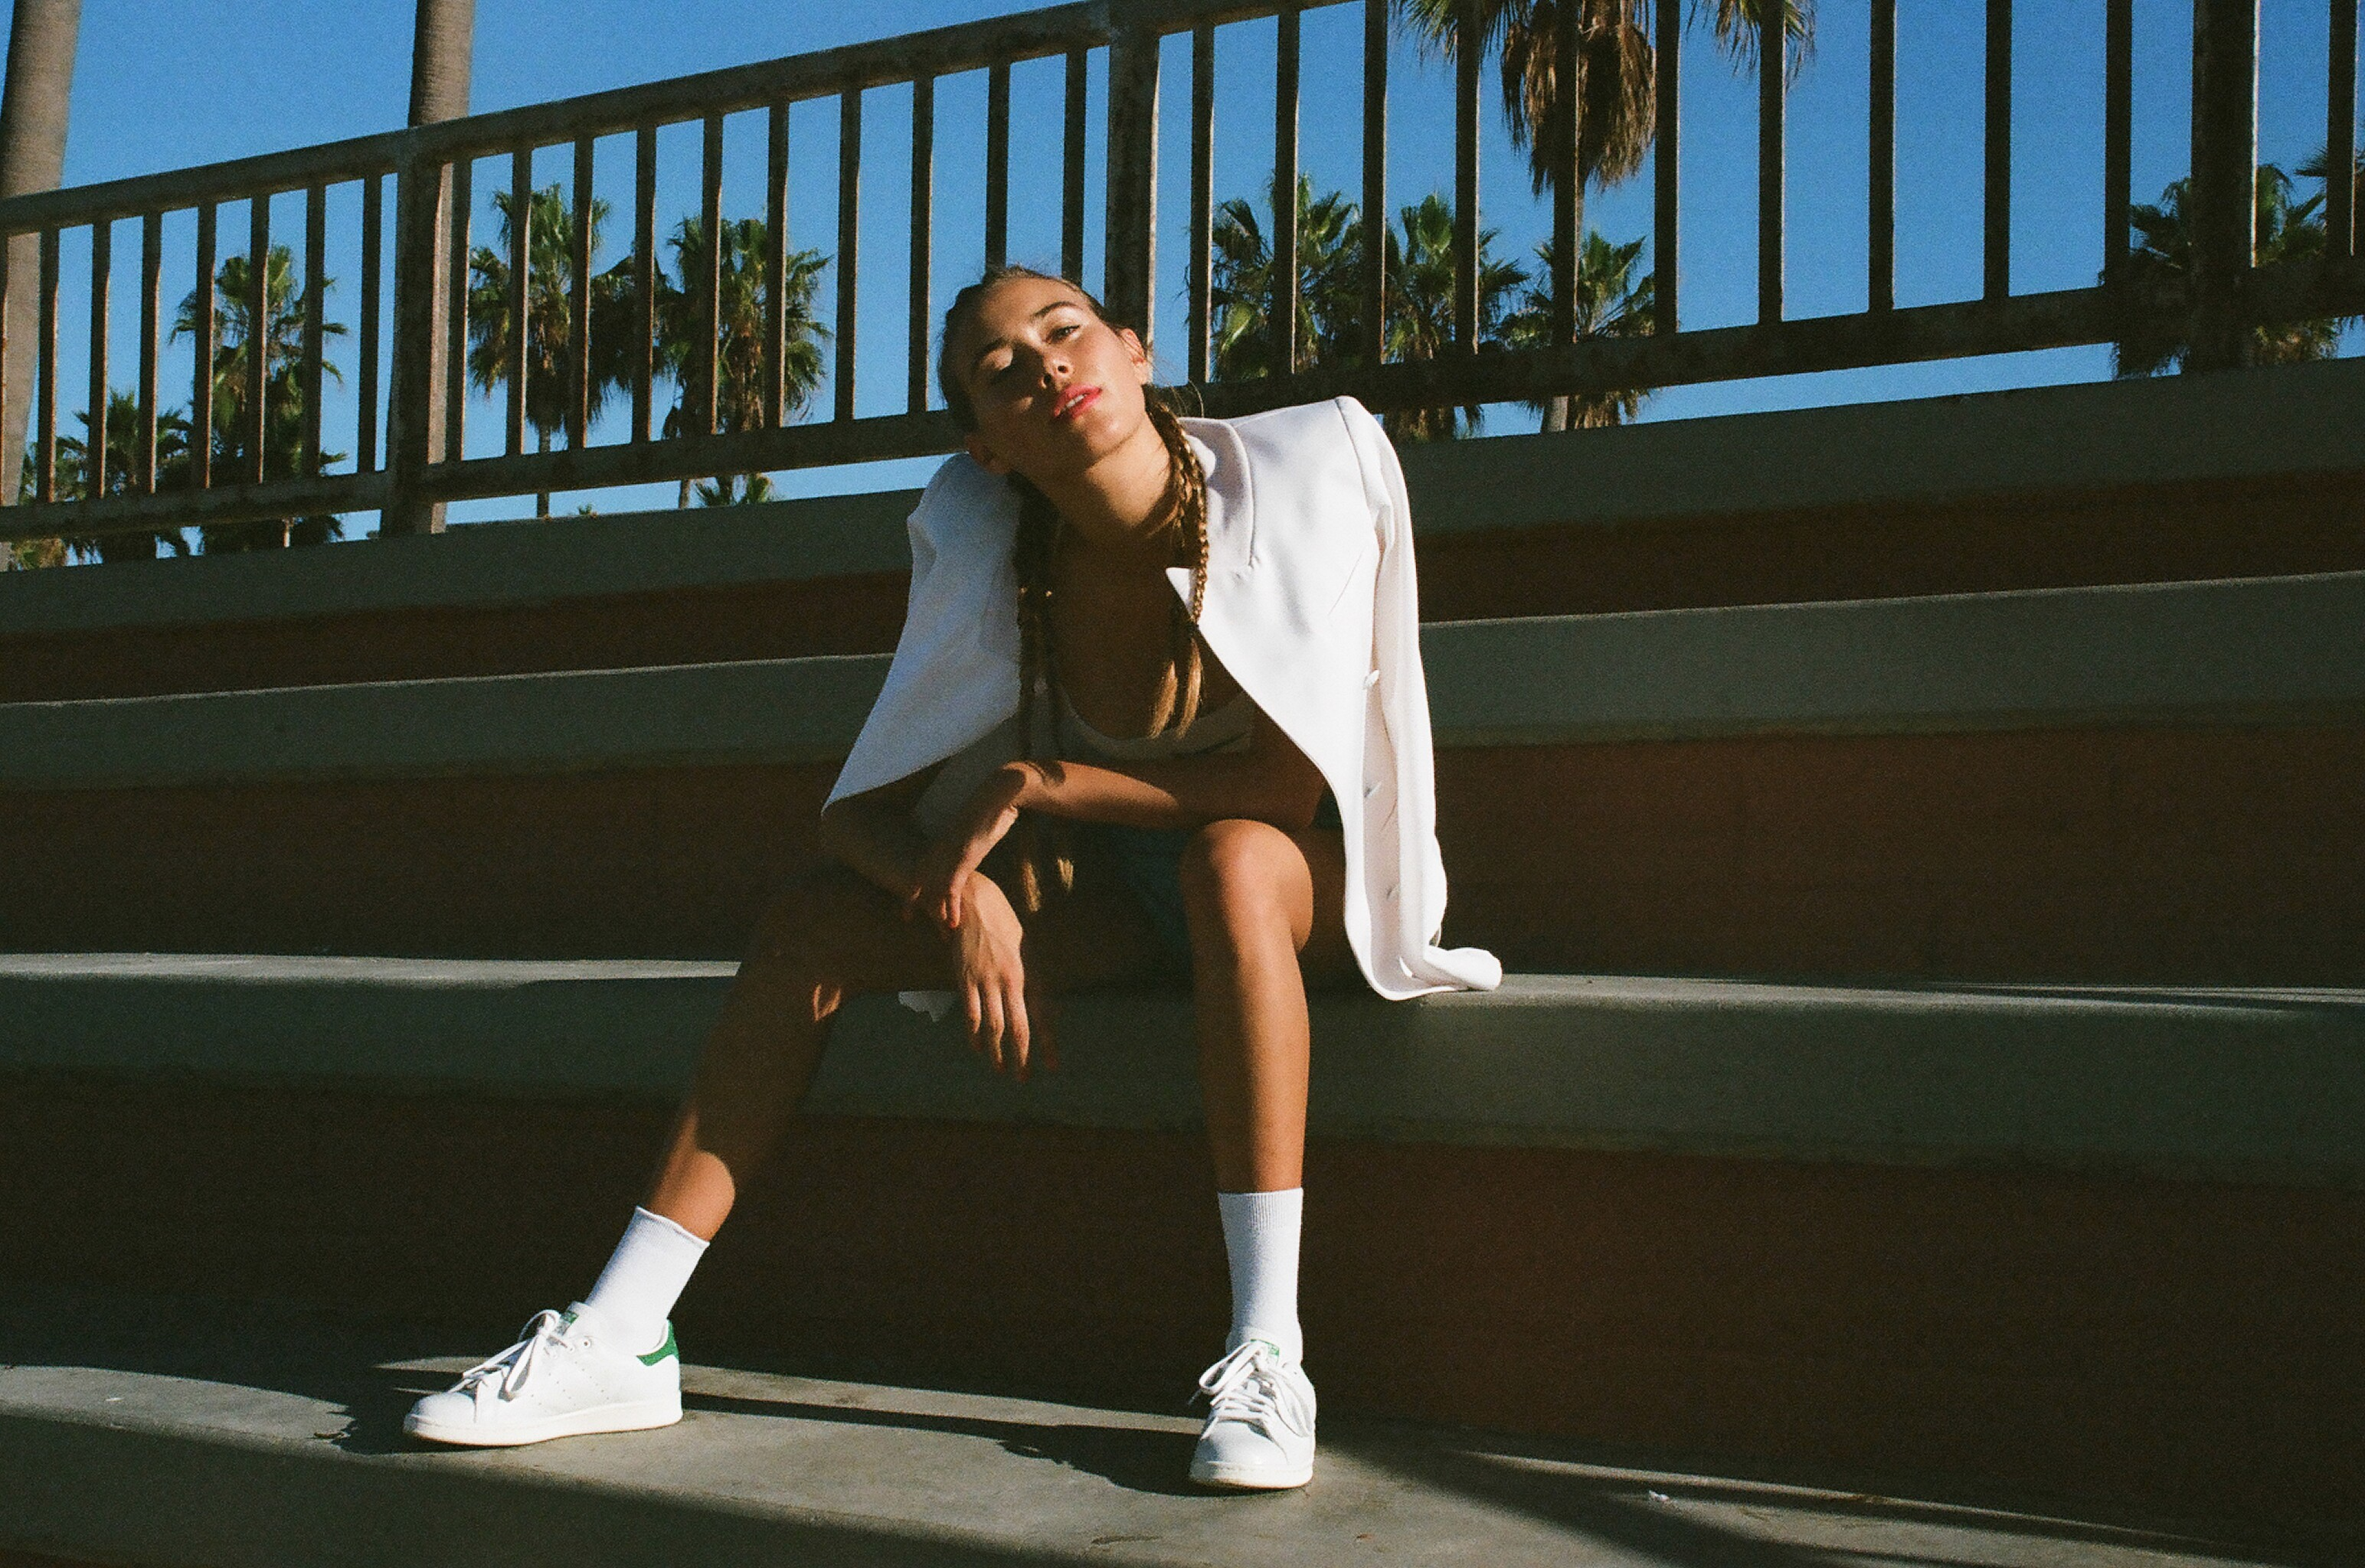 Petie Sjogren_Bleechers_Adidas